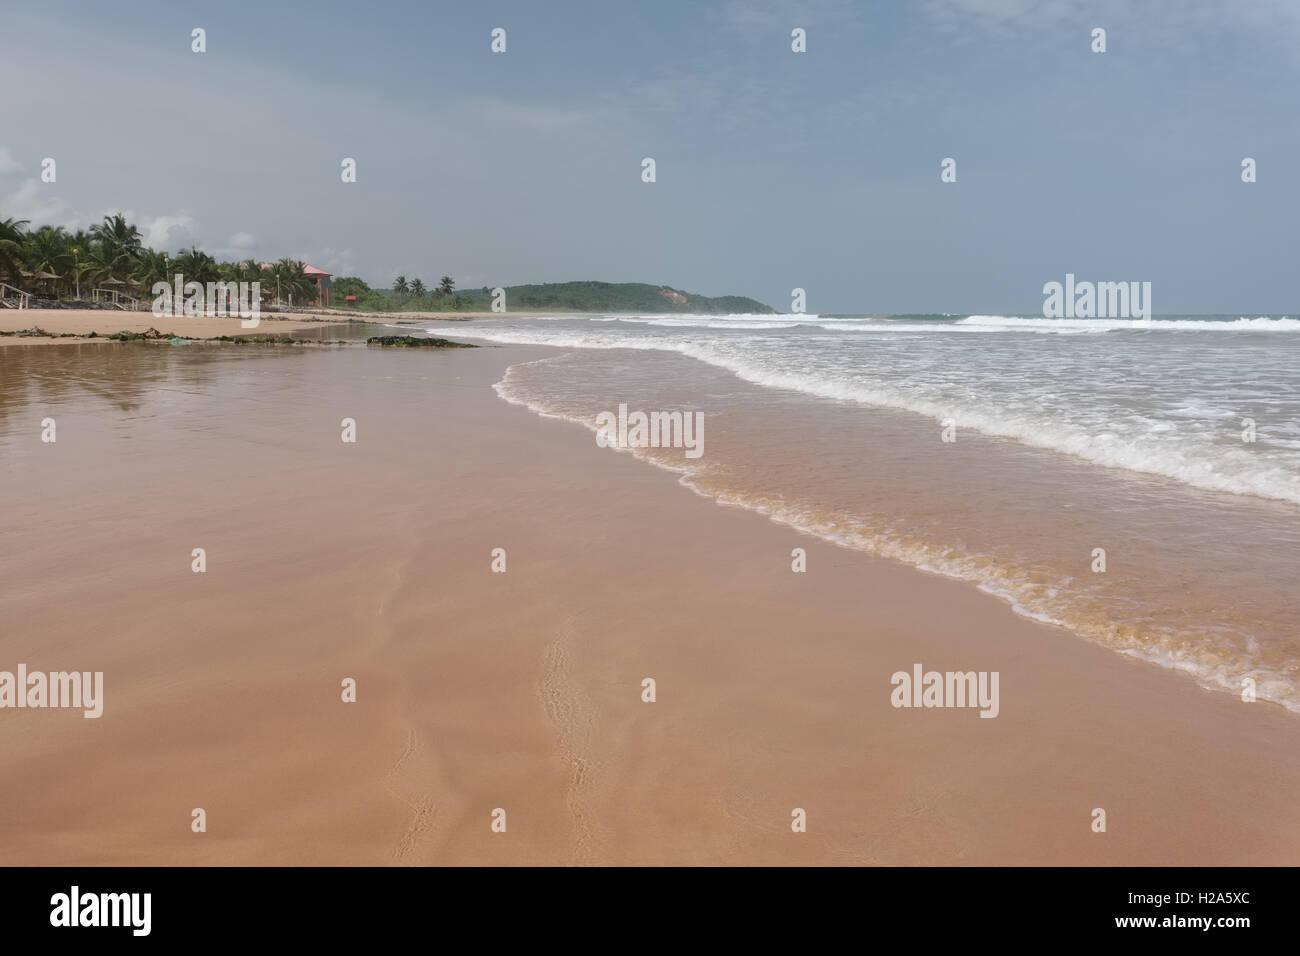 Deserted undeveloped golden sandy beach at Busua Beach in Ghana - Stock Image